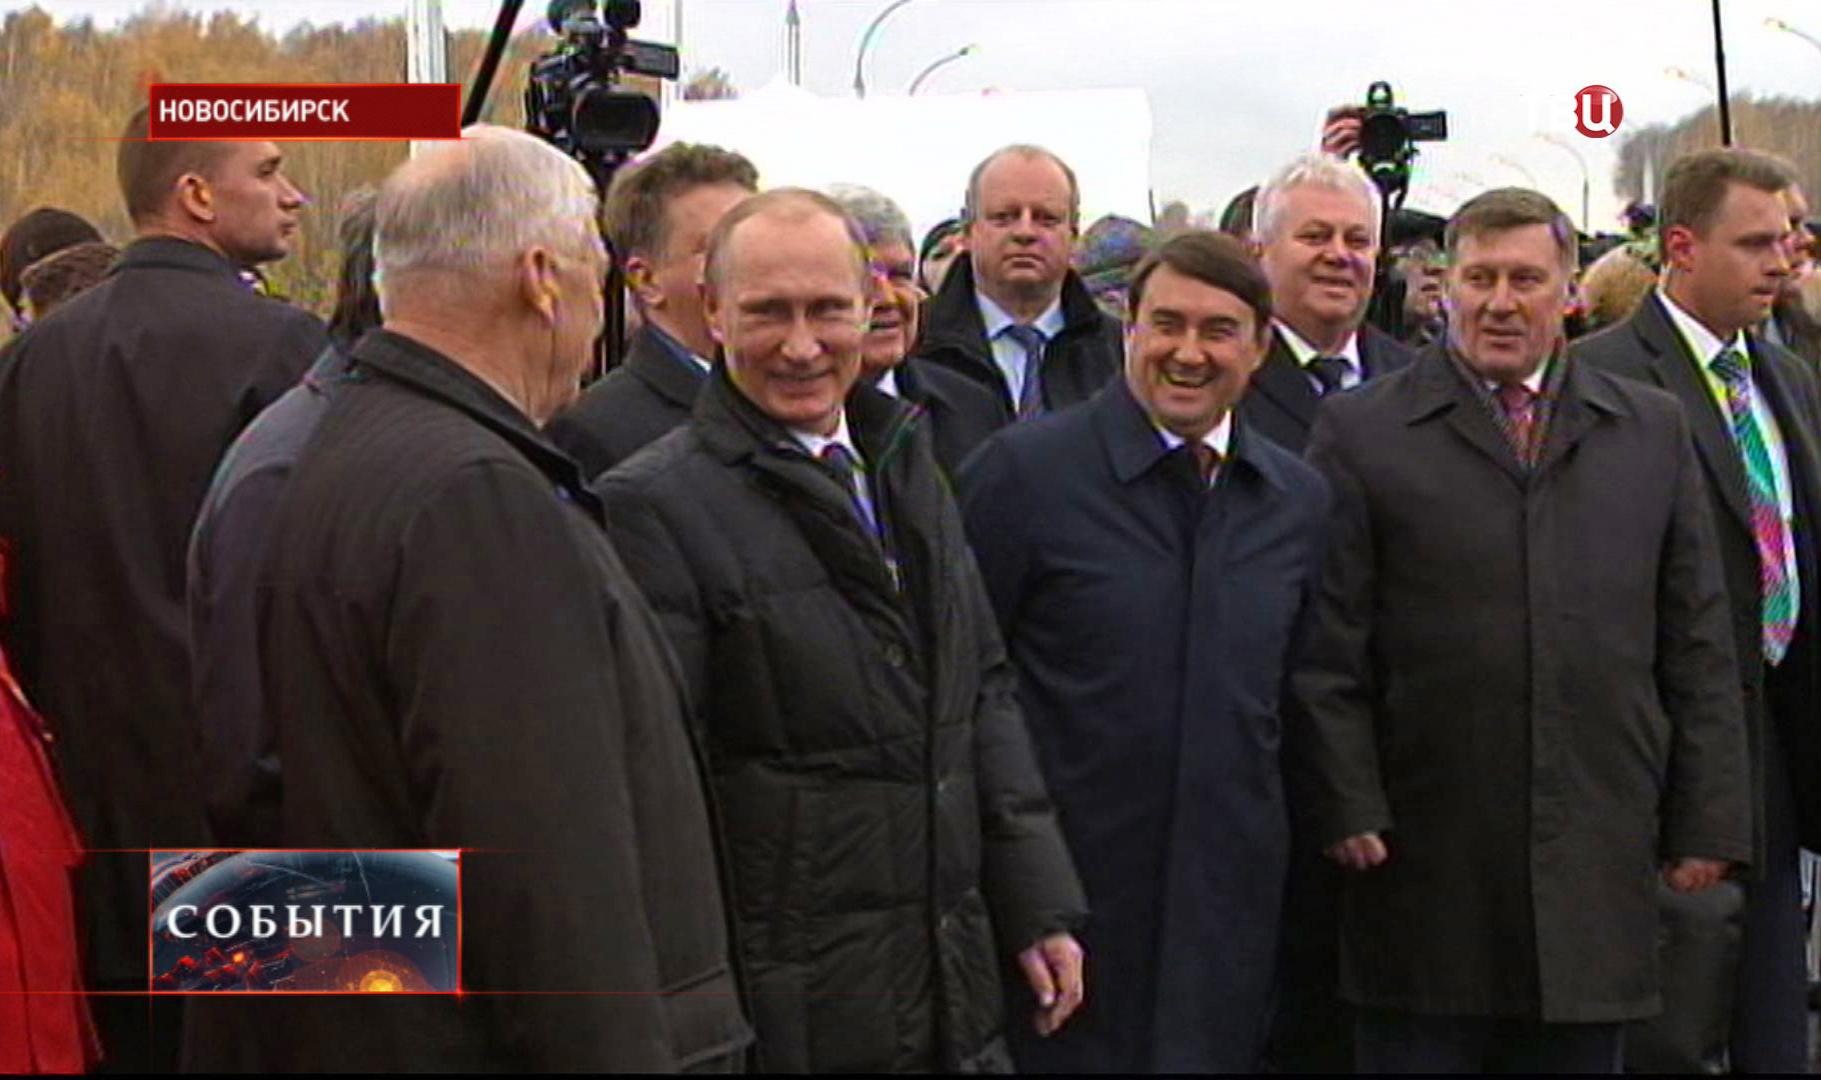 Владимир Путин в Новосибирске